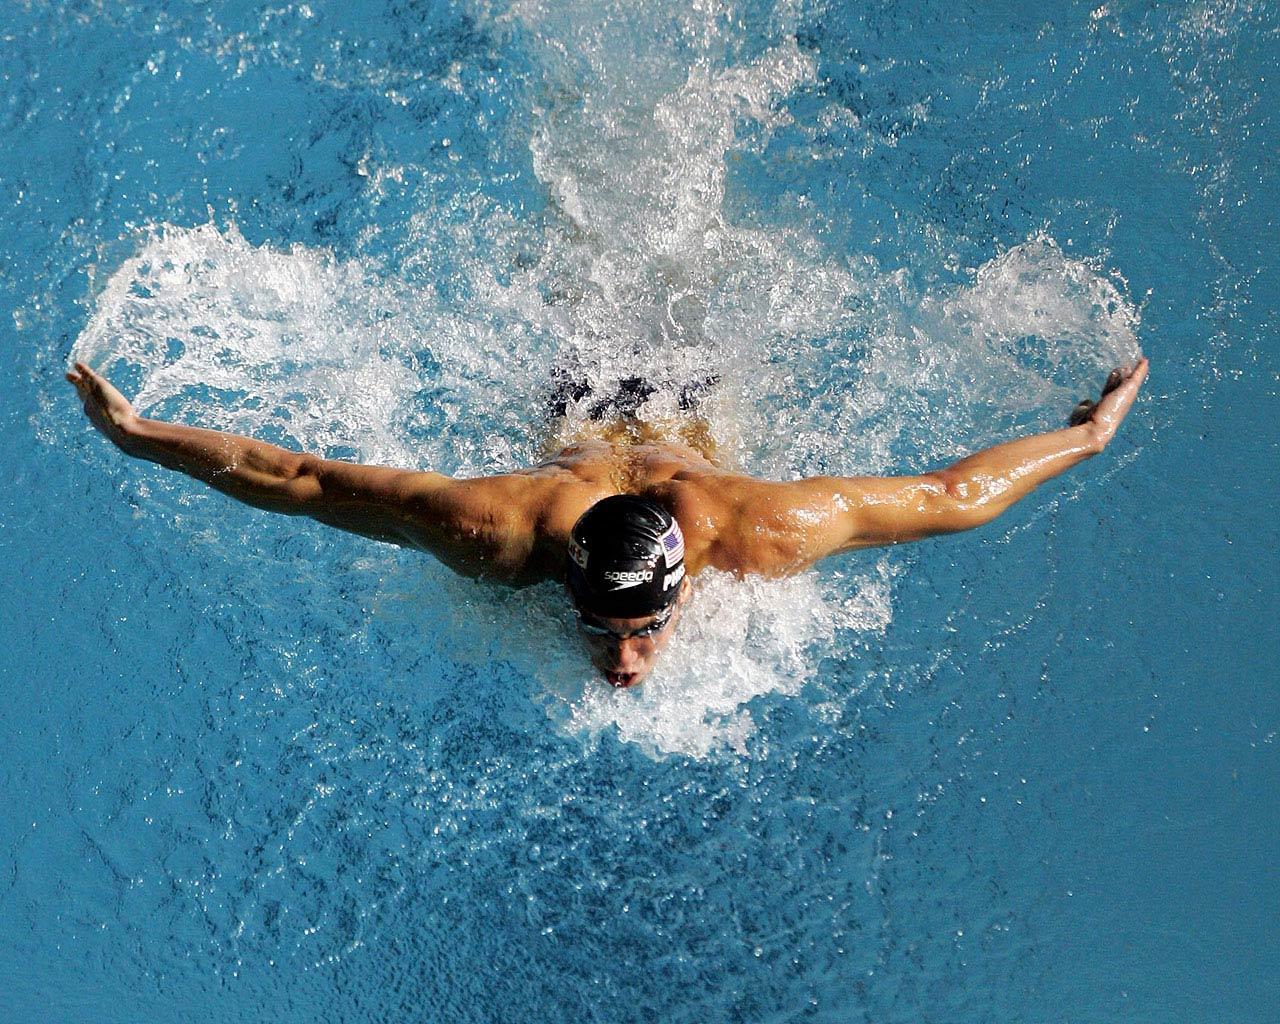 http://1.bp.blogspot.com/_iXbOf5hpIm4/TCGS27IOHPI/AAAAAAAAAMY/MsF1-bcx8Ow/s1600/swimming_2%5B1%5D.jpg